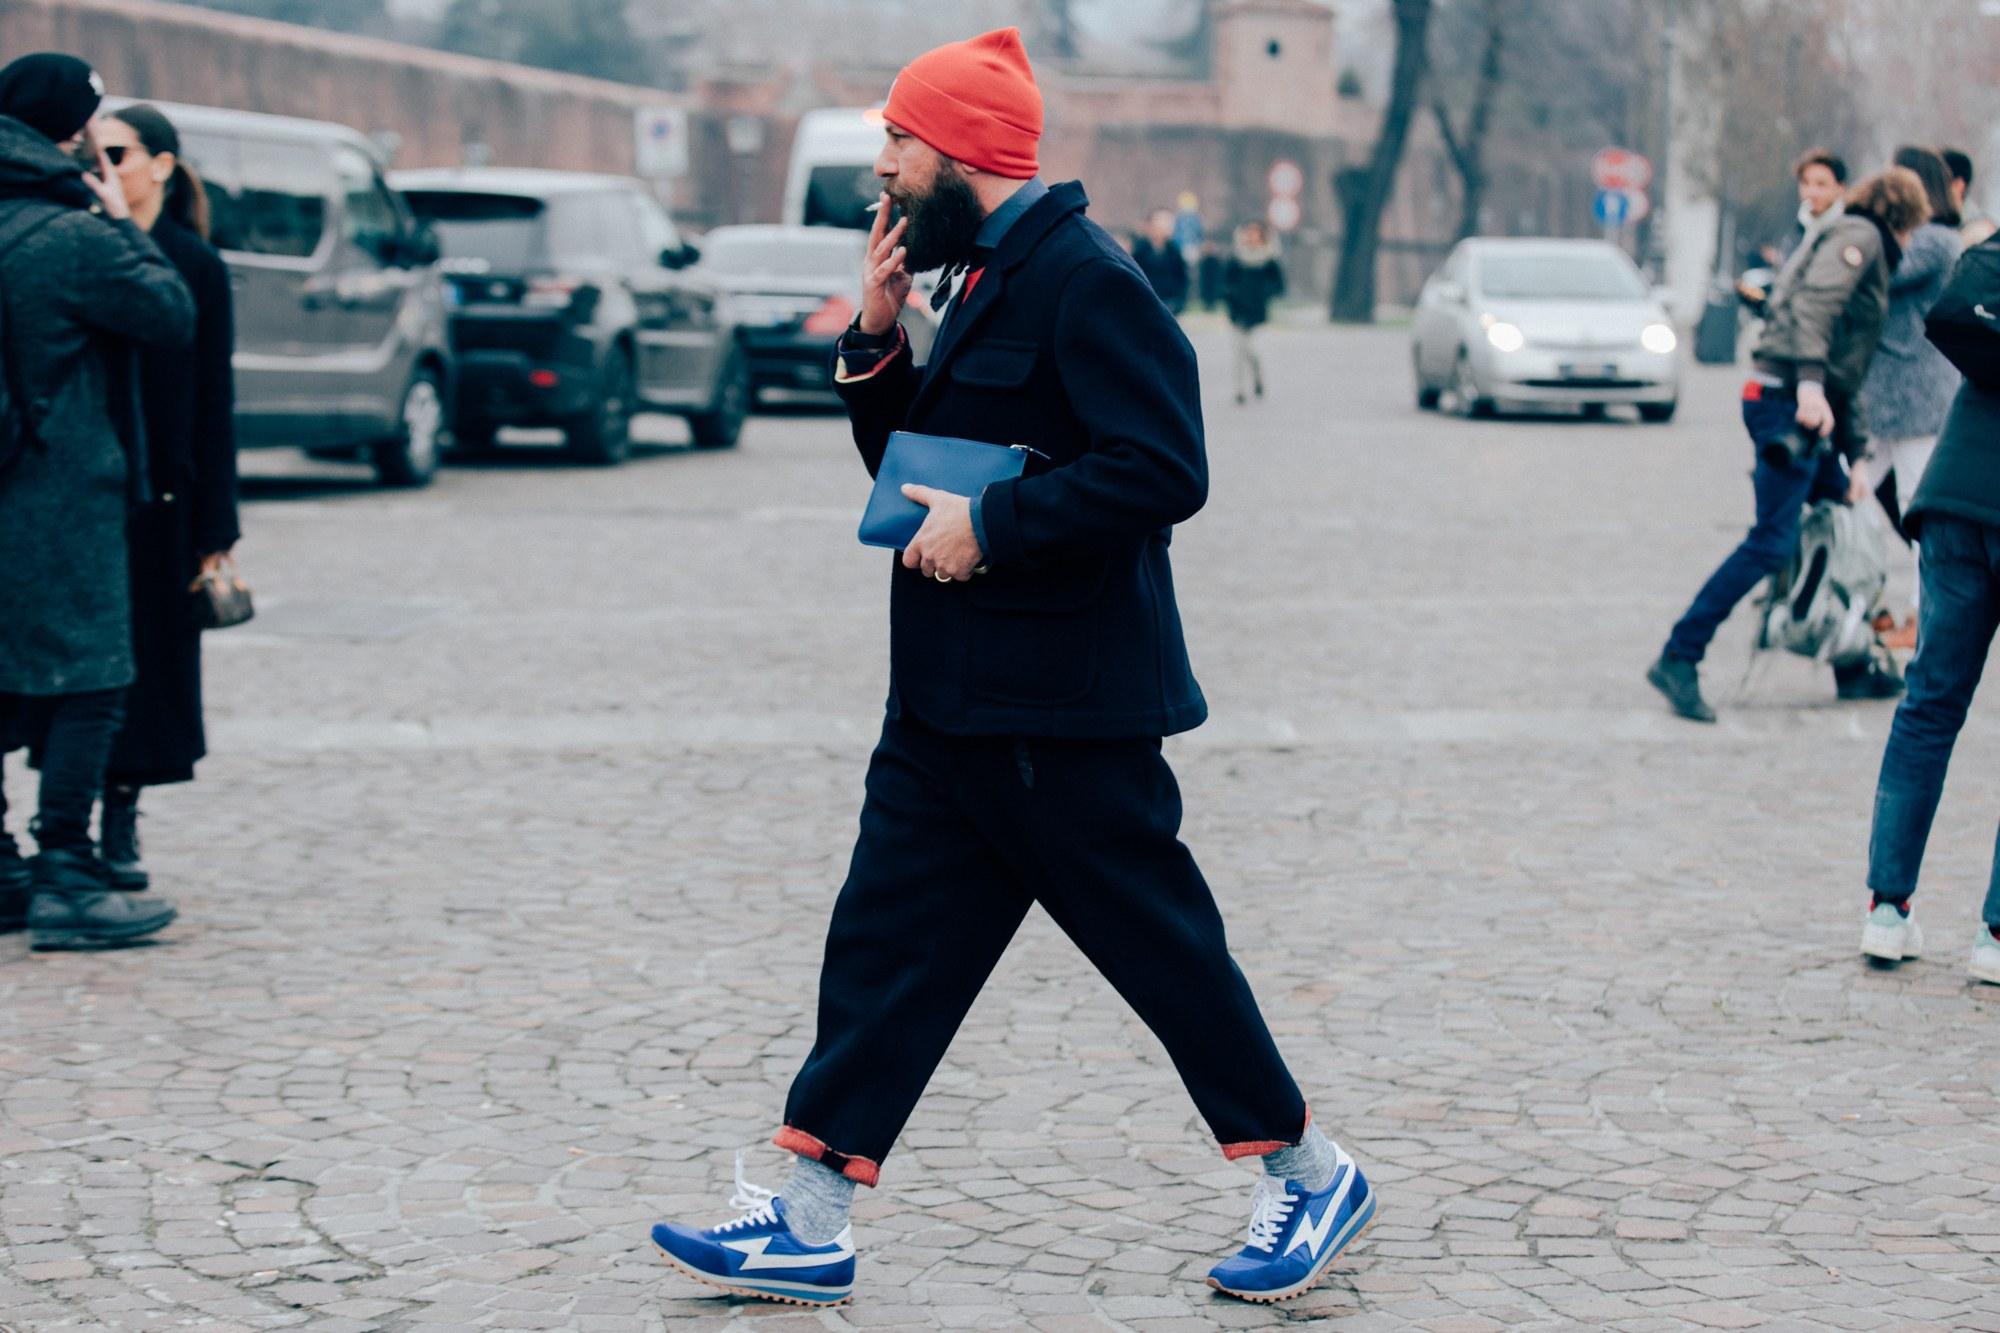 jhwendland's photos in ***Finally an Official Baller sneaker thread ($300 minimum)***